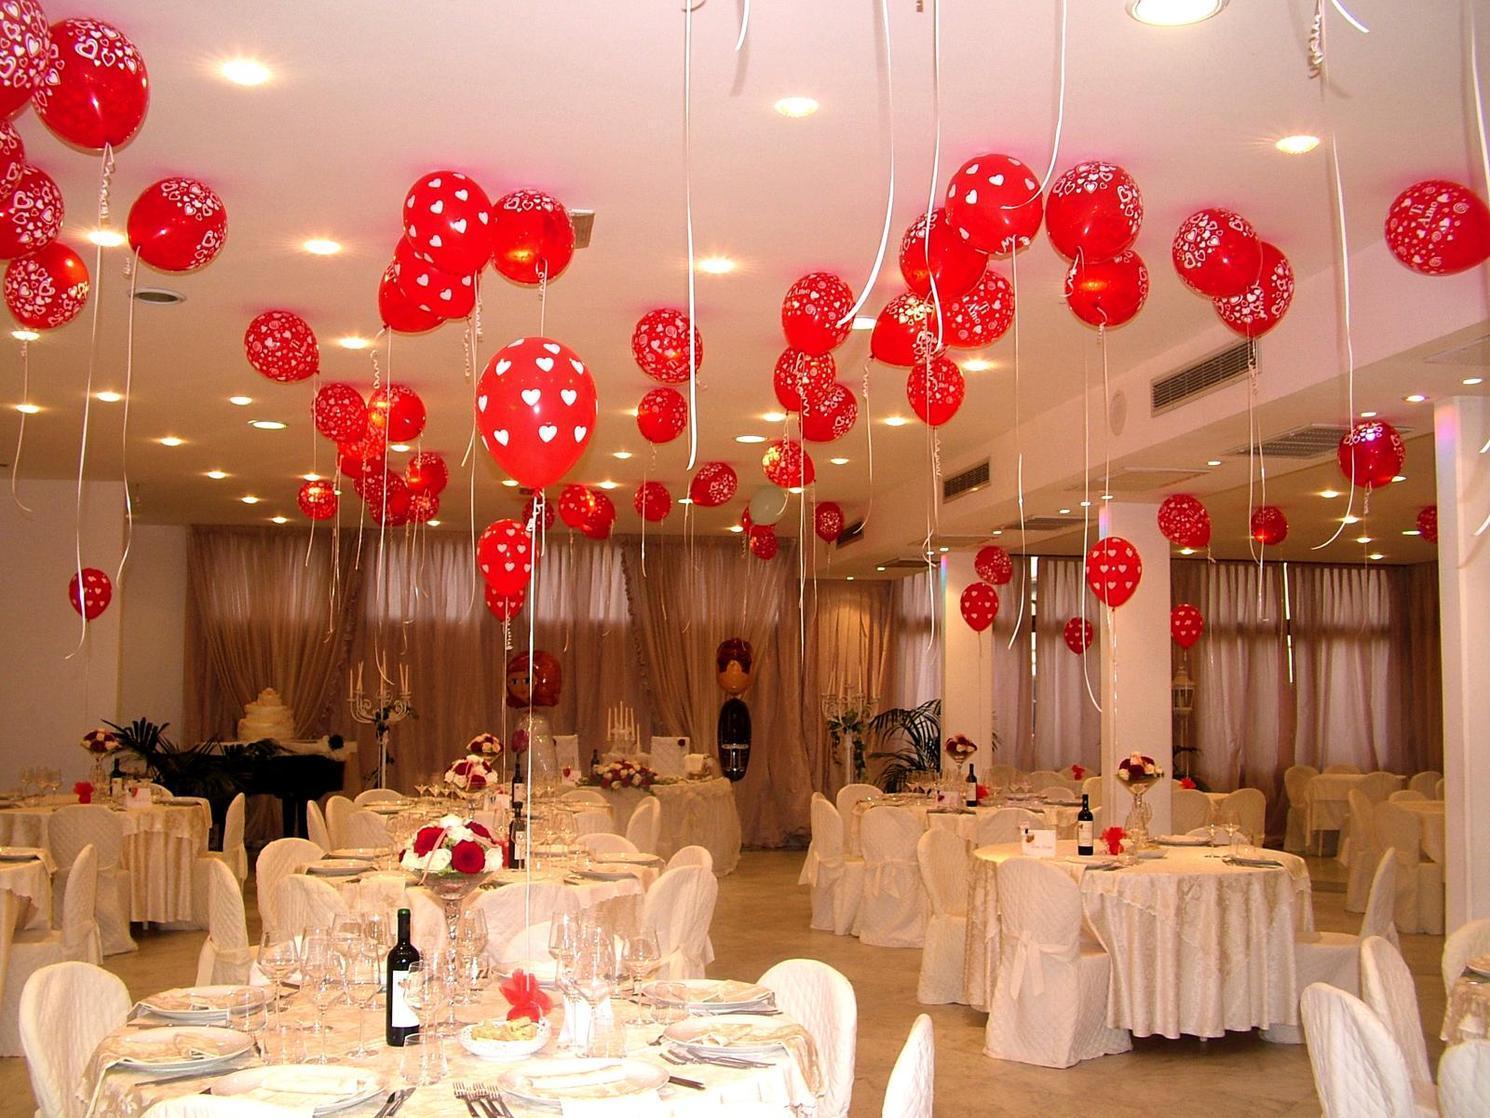 Decorazioni Sala Laurea : Decorazioni sala 18 anni: come decorare la tavola per la festa dei